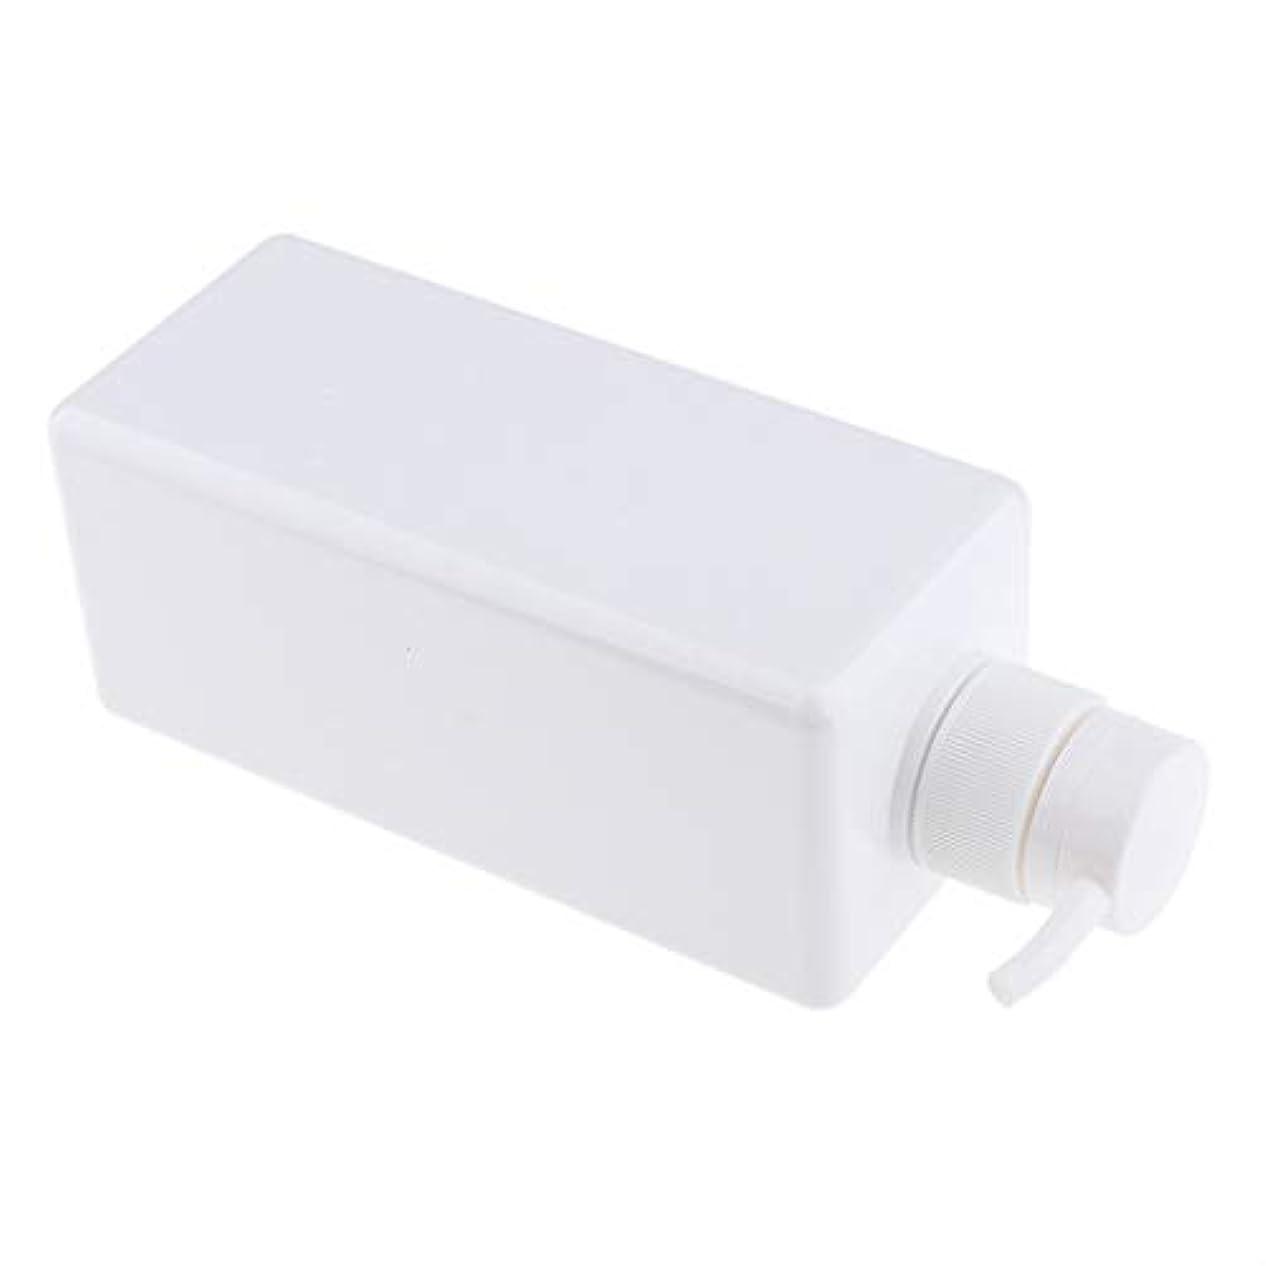 獣書道コークスソープディスペンサー ローションボトル シャンプーコンテナ 650ml 高品質 プラスチック 4色選べ - 白